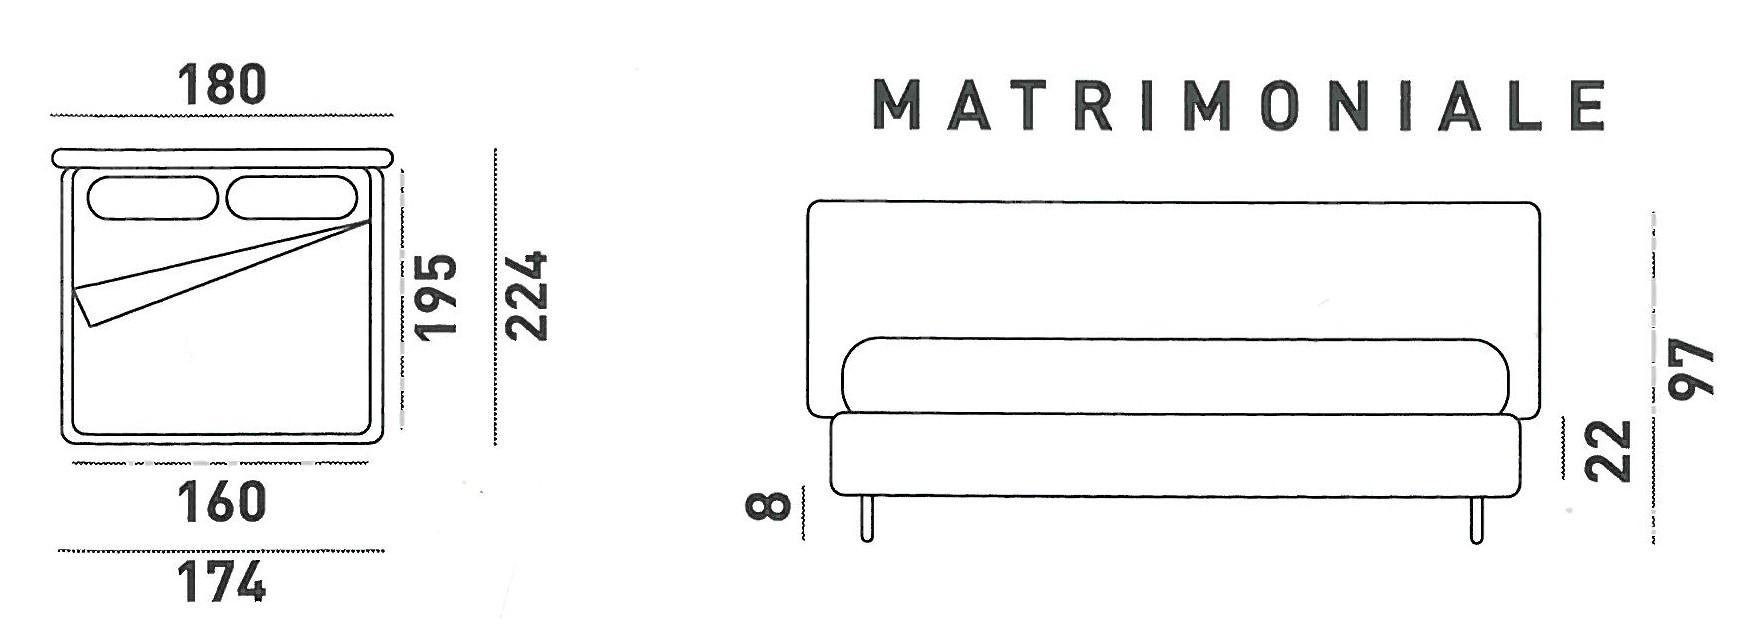 Letto matrimoniale gondola in ecopelle di lettissimi - Altezza letto matrimoniale ...